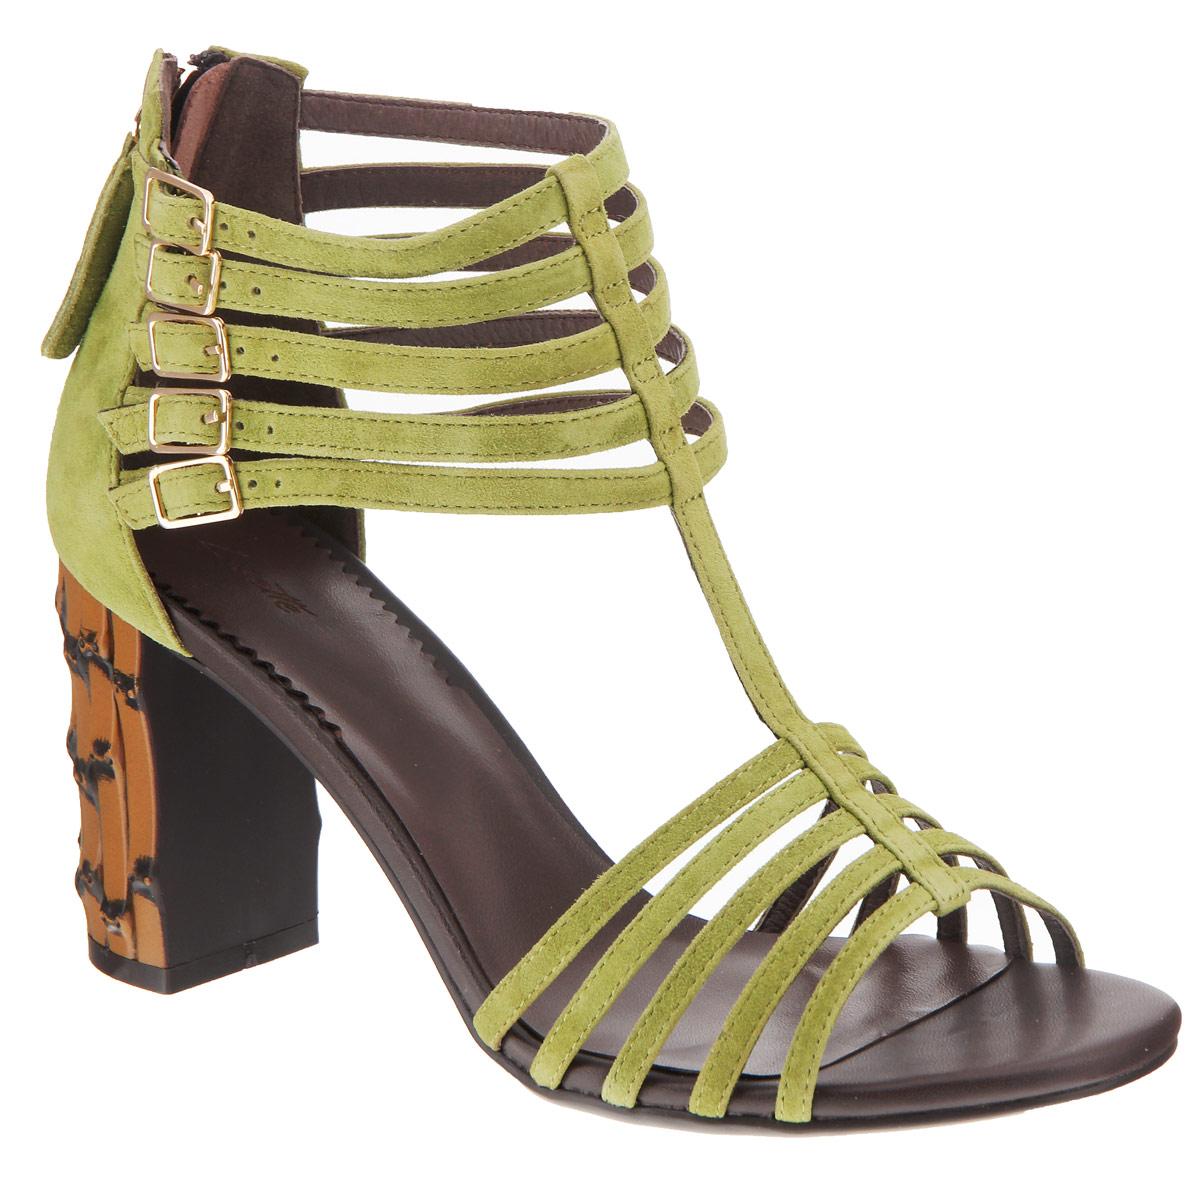 Босоножки женские. 6022B-13-36022B-13-3Стильные босоножки на каблуке от Lisette прекрасно подчеркнут ваш стиль. Верх модели выполнен из мягкого велюра. Внутренняя часть исполнена из натуральной кожи. Тонкие ремешки на щиколотке дополнены металлическими пряжками. Закрытая пятка дополнена удобной застежкой-молнией. Подошва выполнена из прочной резины. Устойчивый каблук оформлен декоративной отделкой. Такие босоножки станут прекрасным дополнением летнего гардероба. Они сделают вас ярче и подчеркнут вашу индивидуальность.